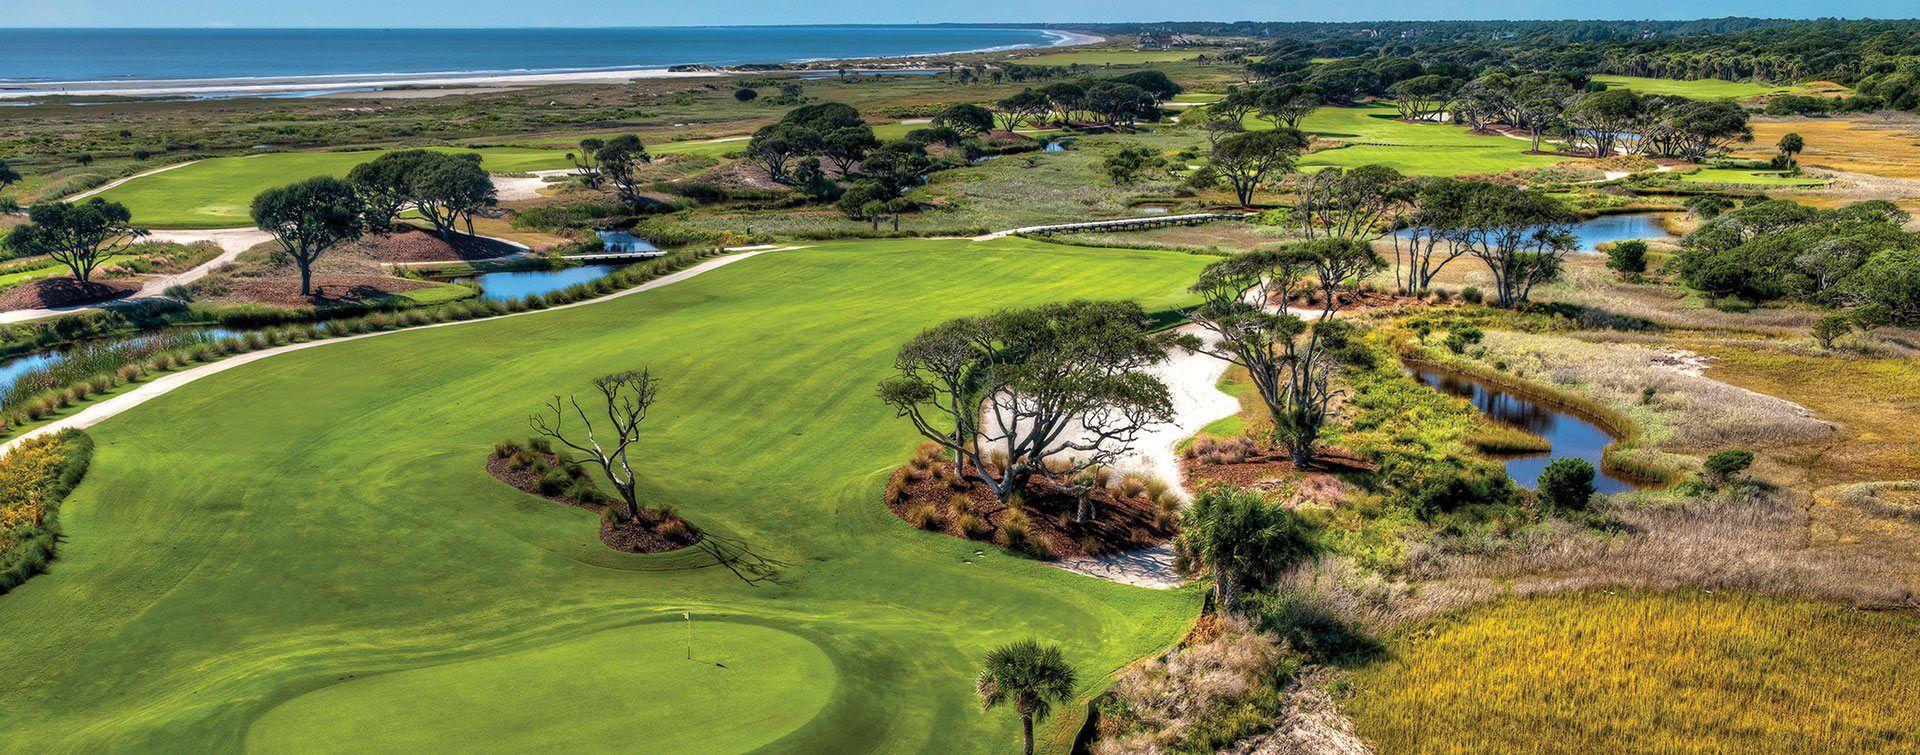 Kiawah Resort The Golf And Luxury Beach Near Charleston Sc